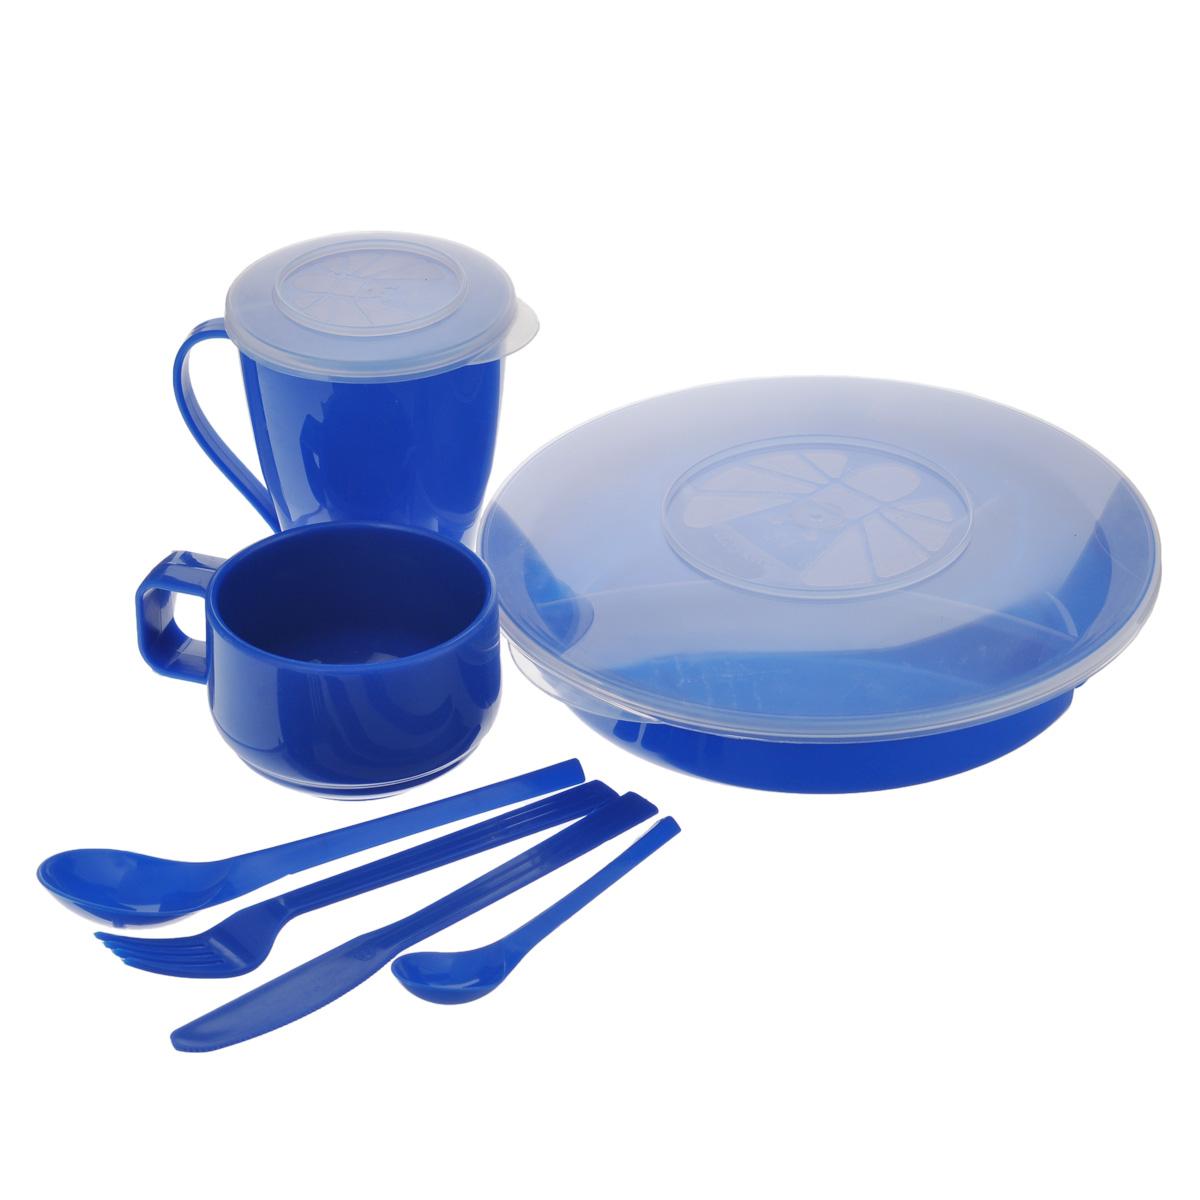 Набор посуды Solaris Вахтовый метод, цвет: синий, на 1 персону